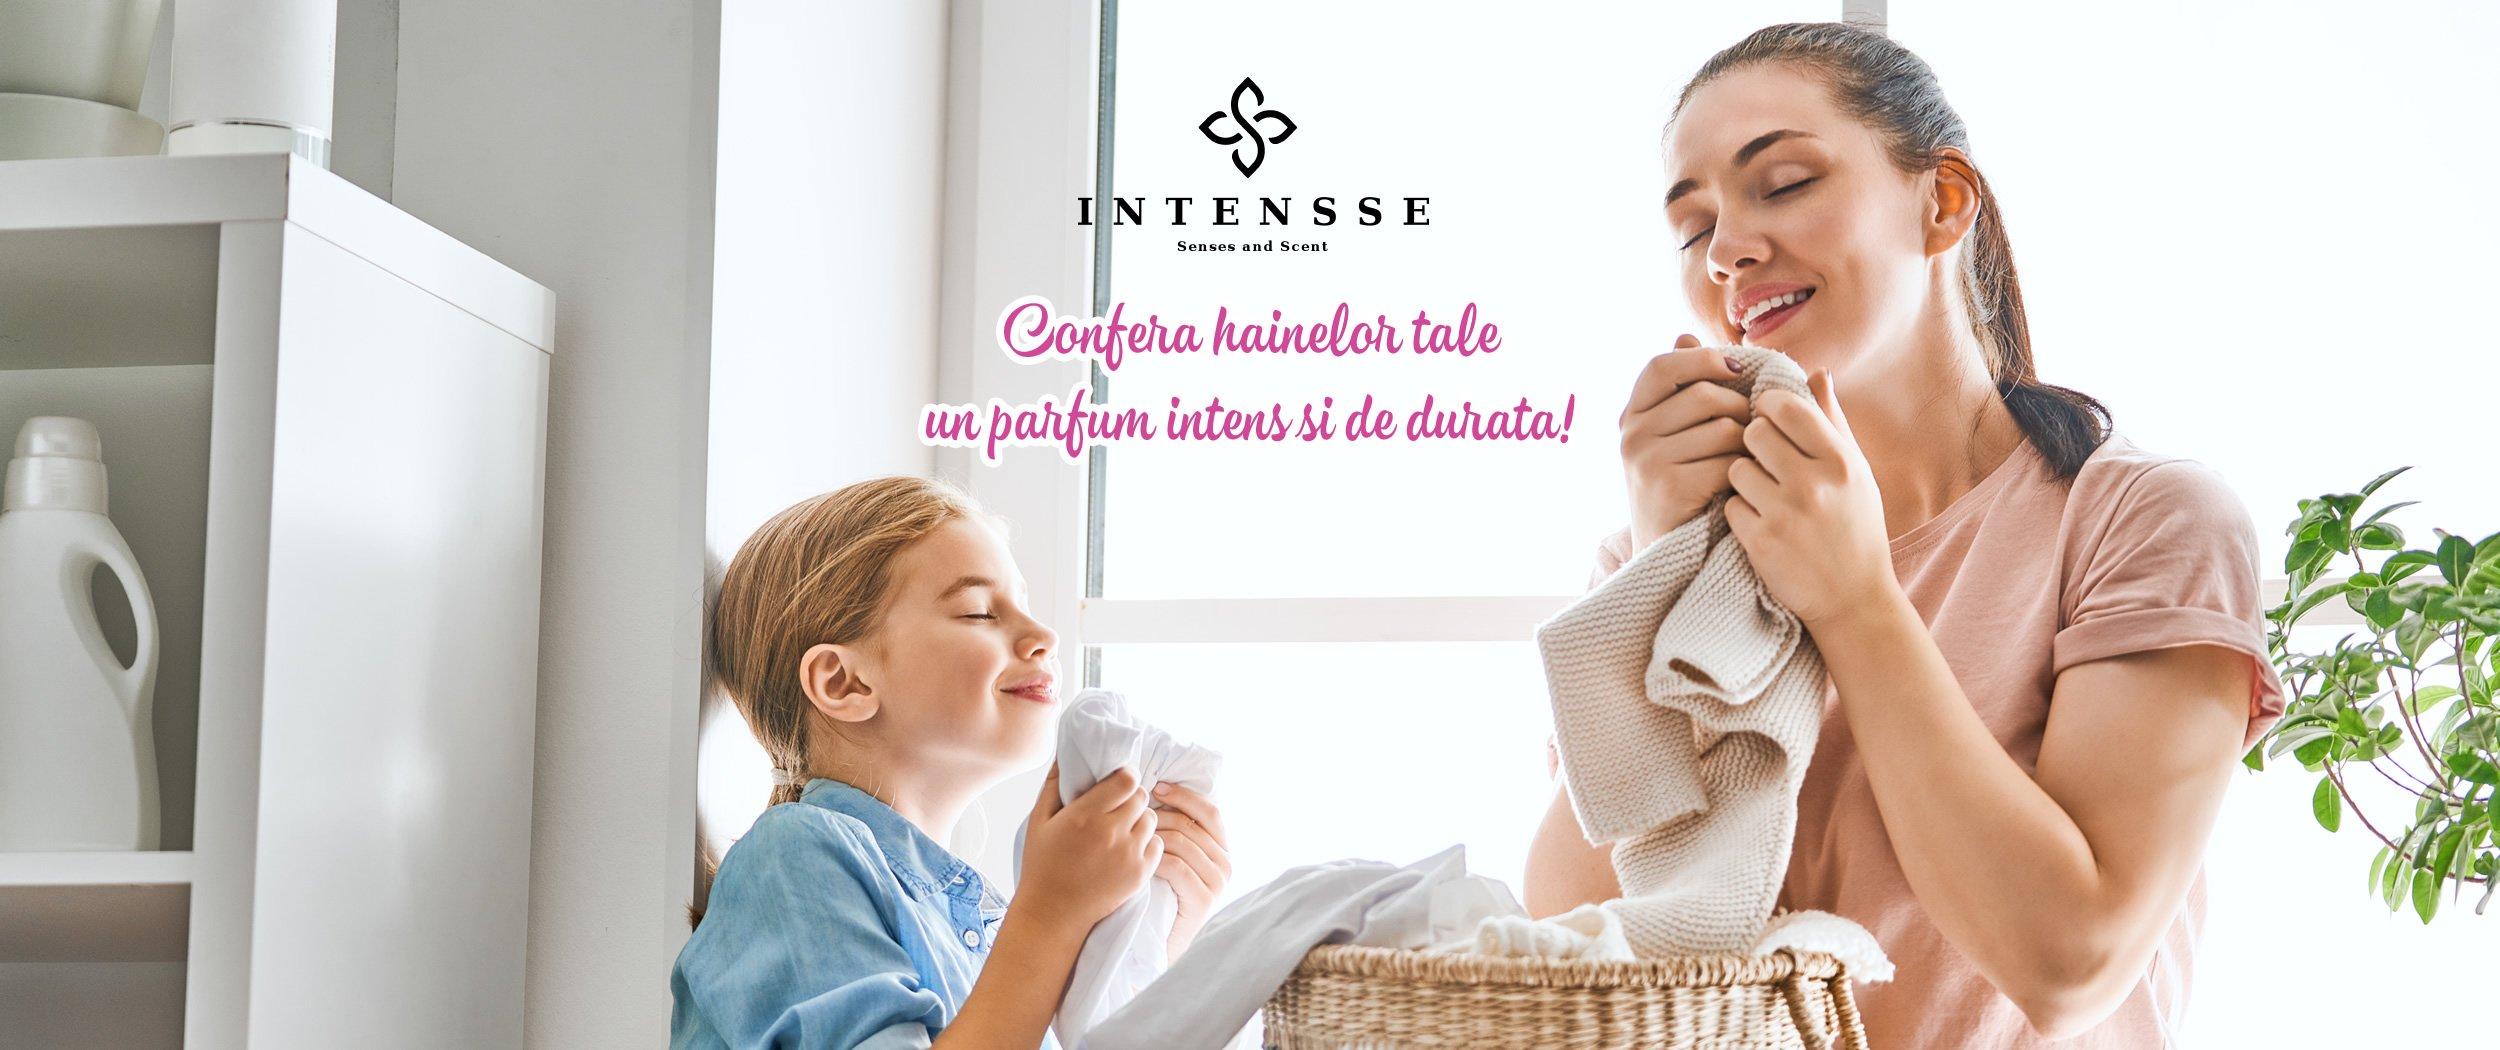 Oferă hainelor tale prospețimea primăverii cu ajutorul parfumului de rufe Intensse!